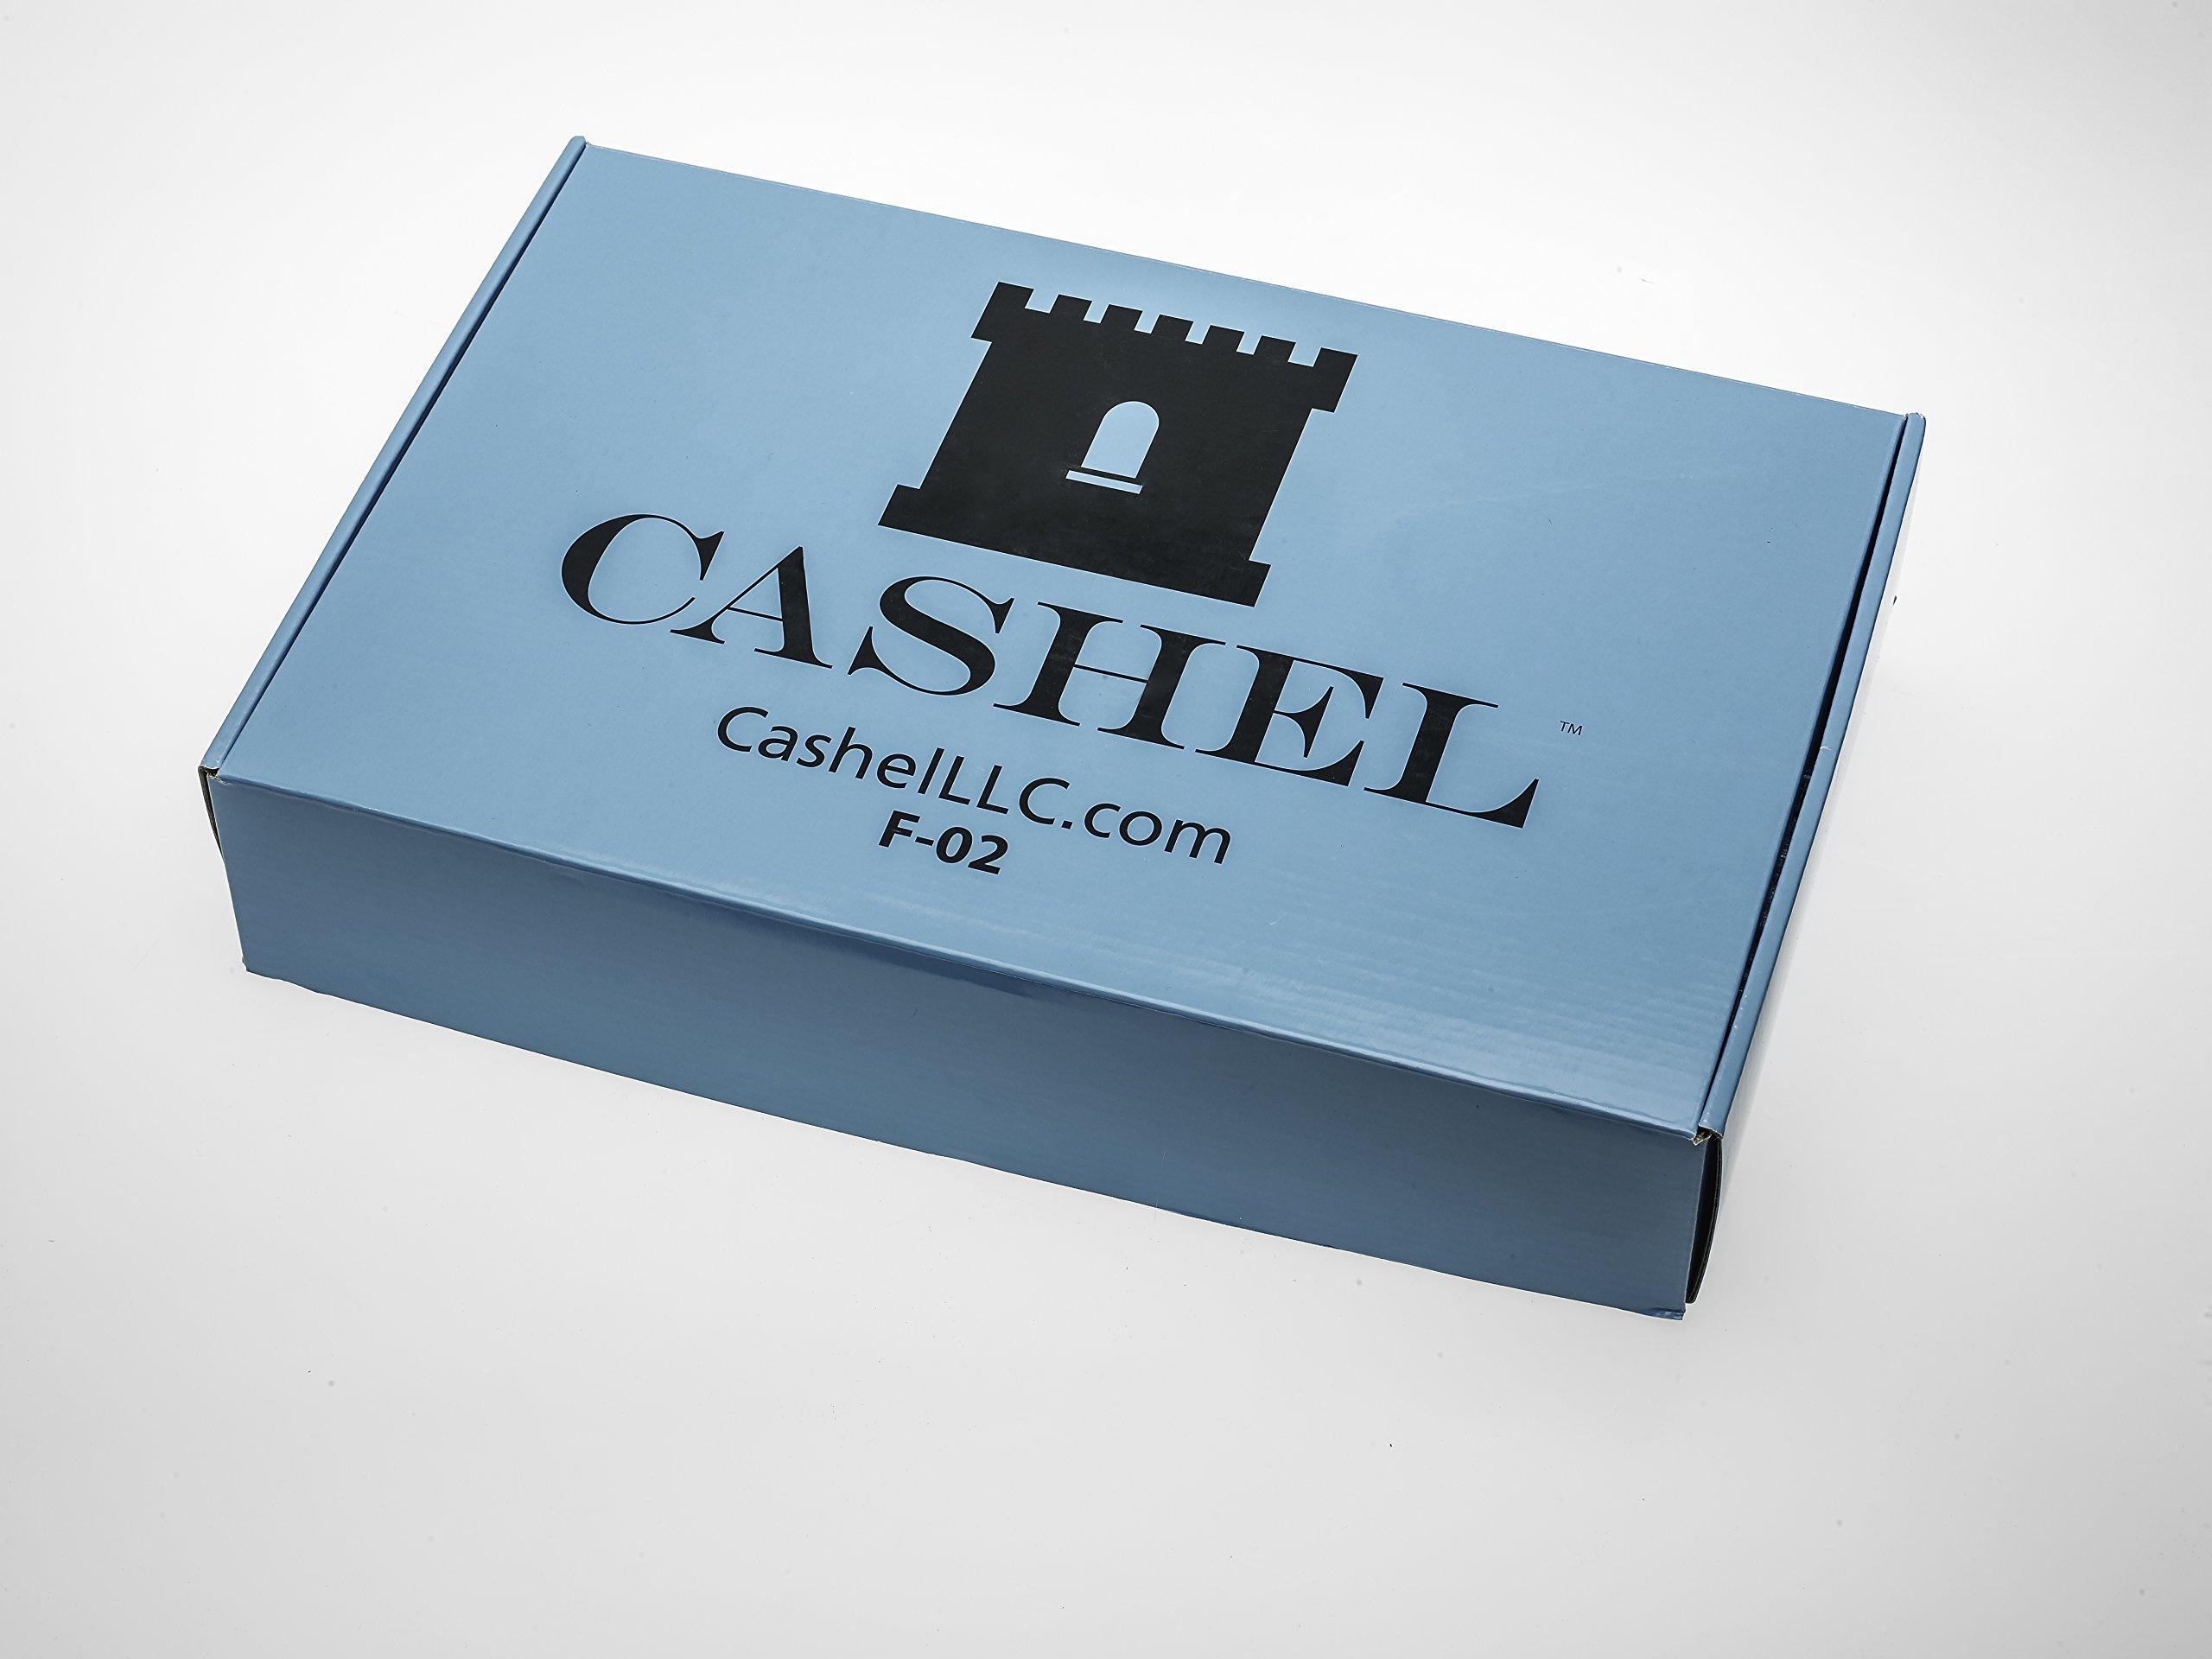 CASHEL 1960-32-02 Heavy Duty Sink - Fully Loaded Sink Kit, Granite by Cashel (Image #2)